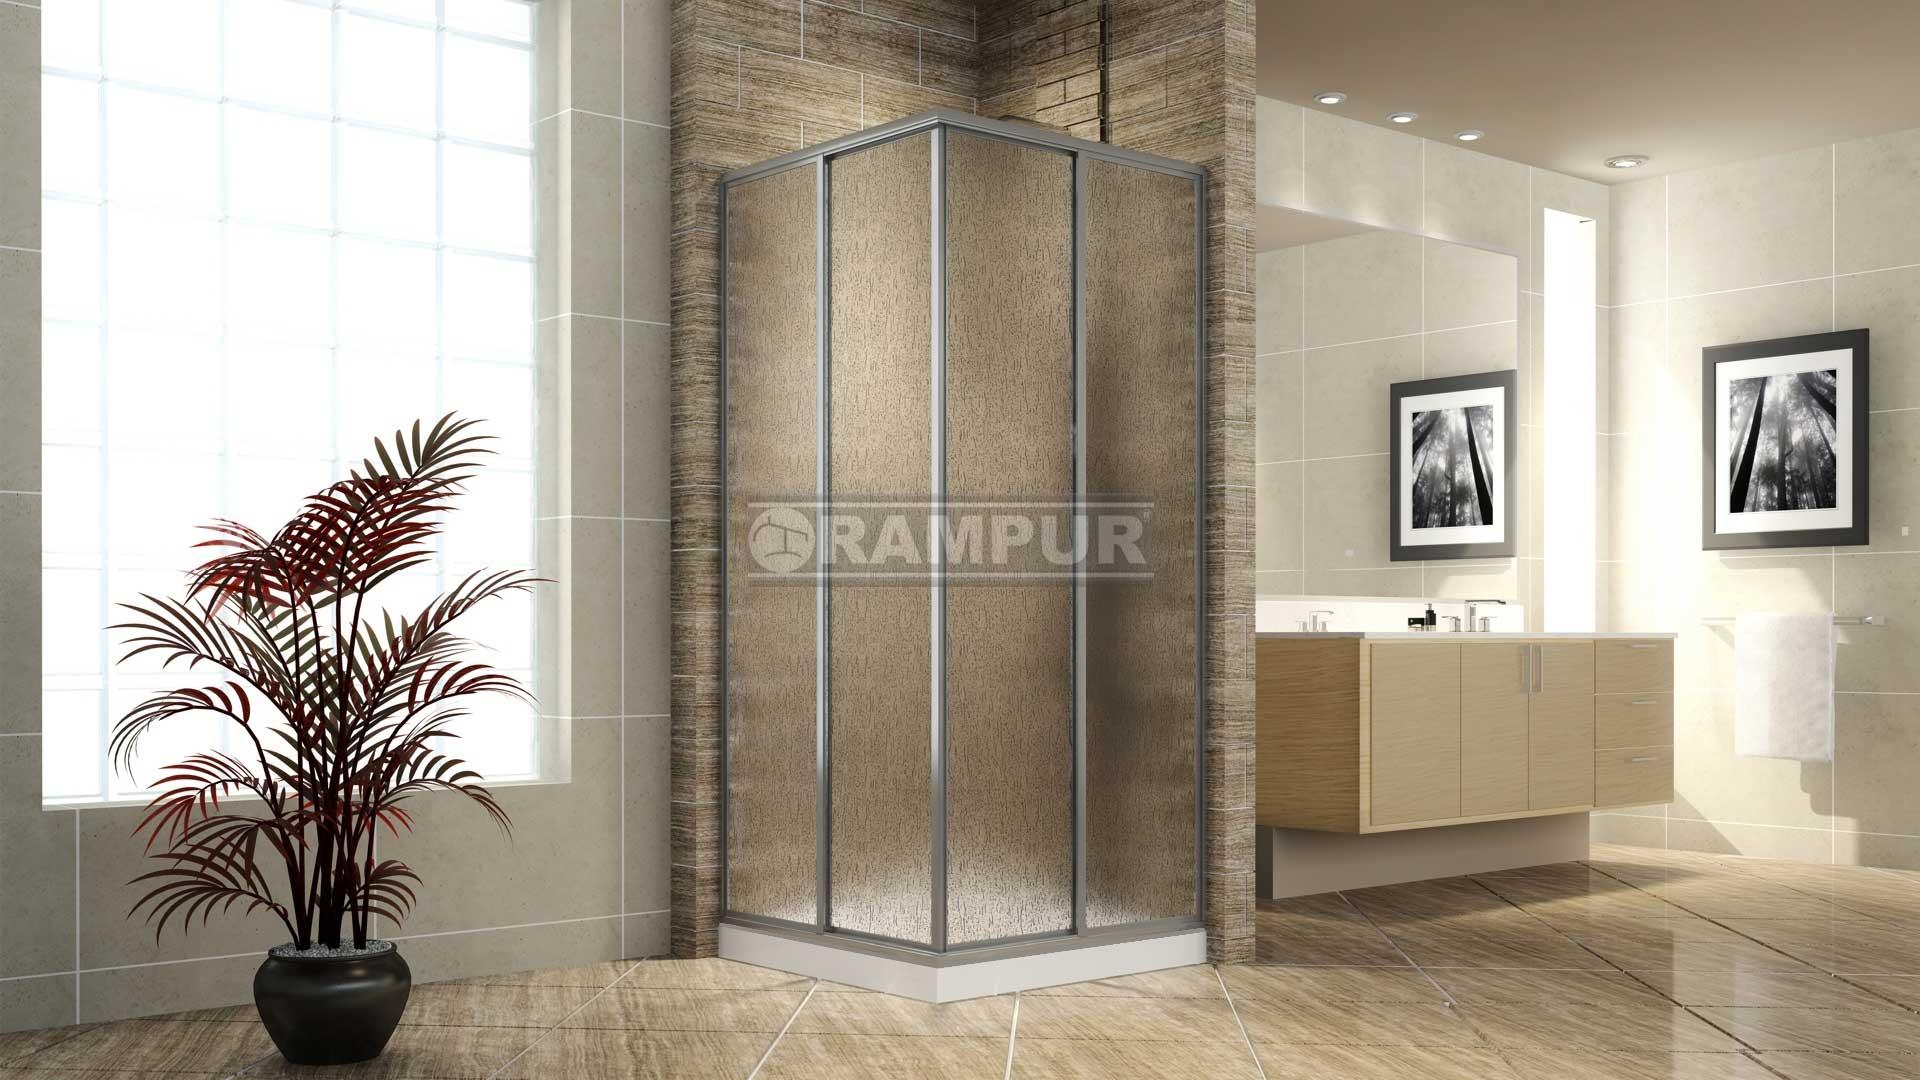 Rampur box de ducha acr lico fitz roy premium Receptaculo ducha a medida